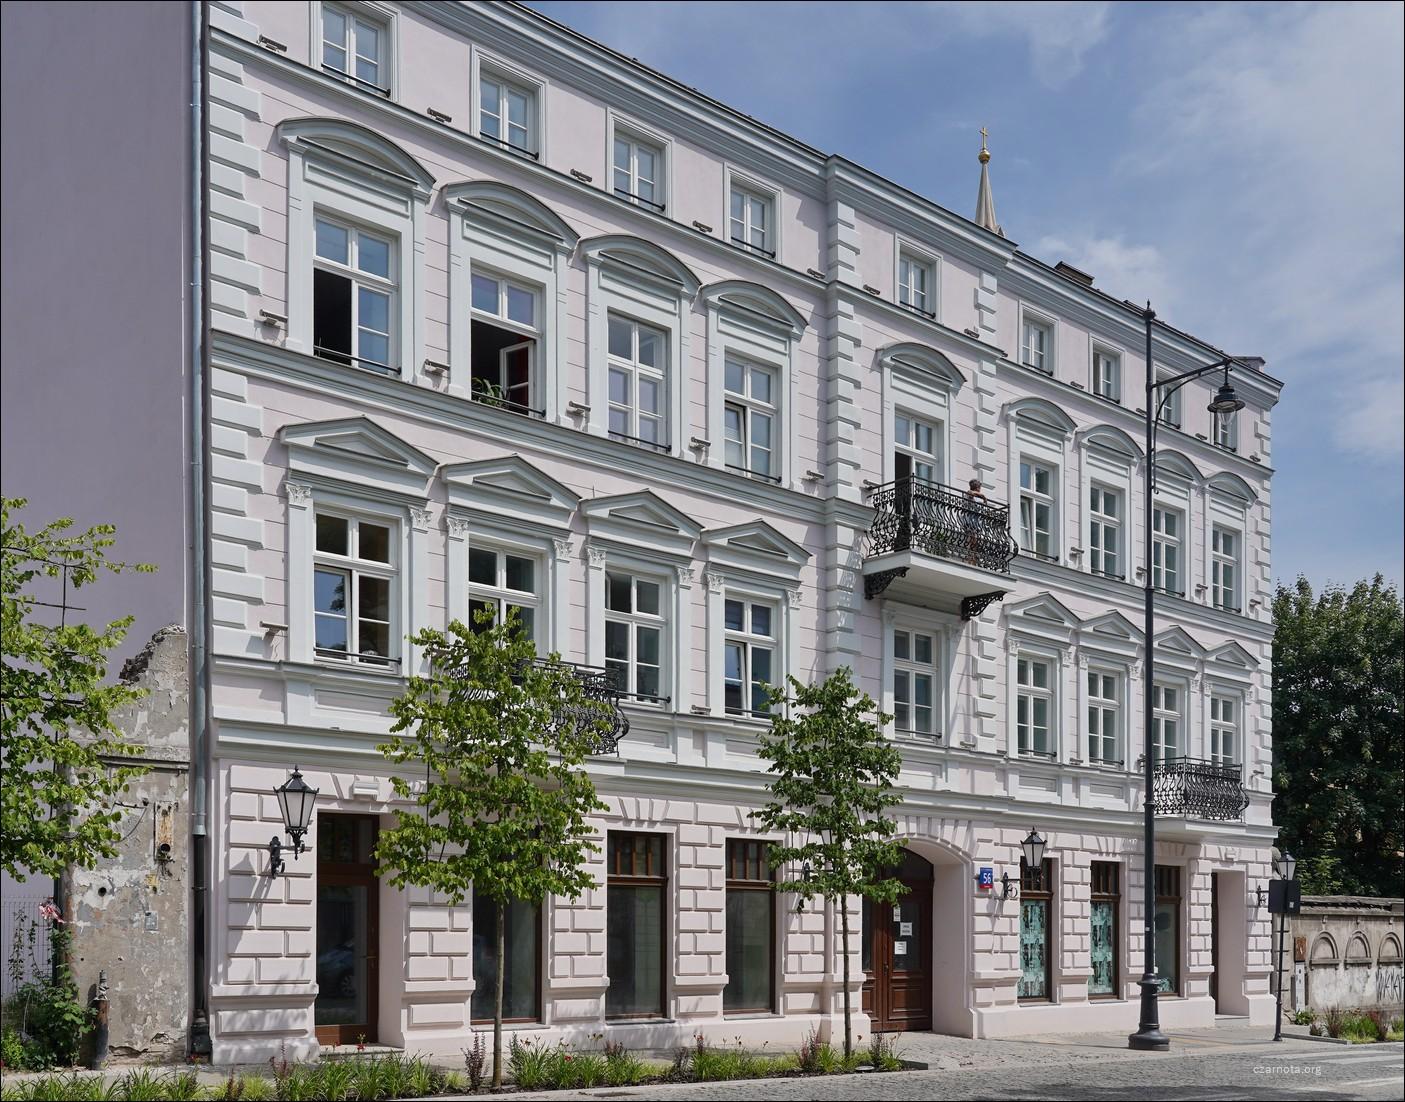 Łódź, ul. Sienkiewicza 56 w 2020 i 2021